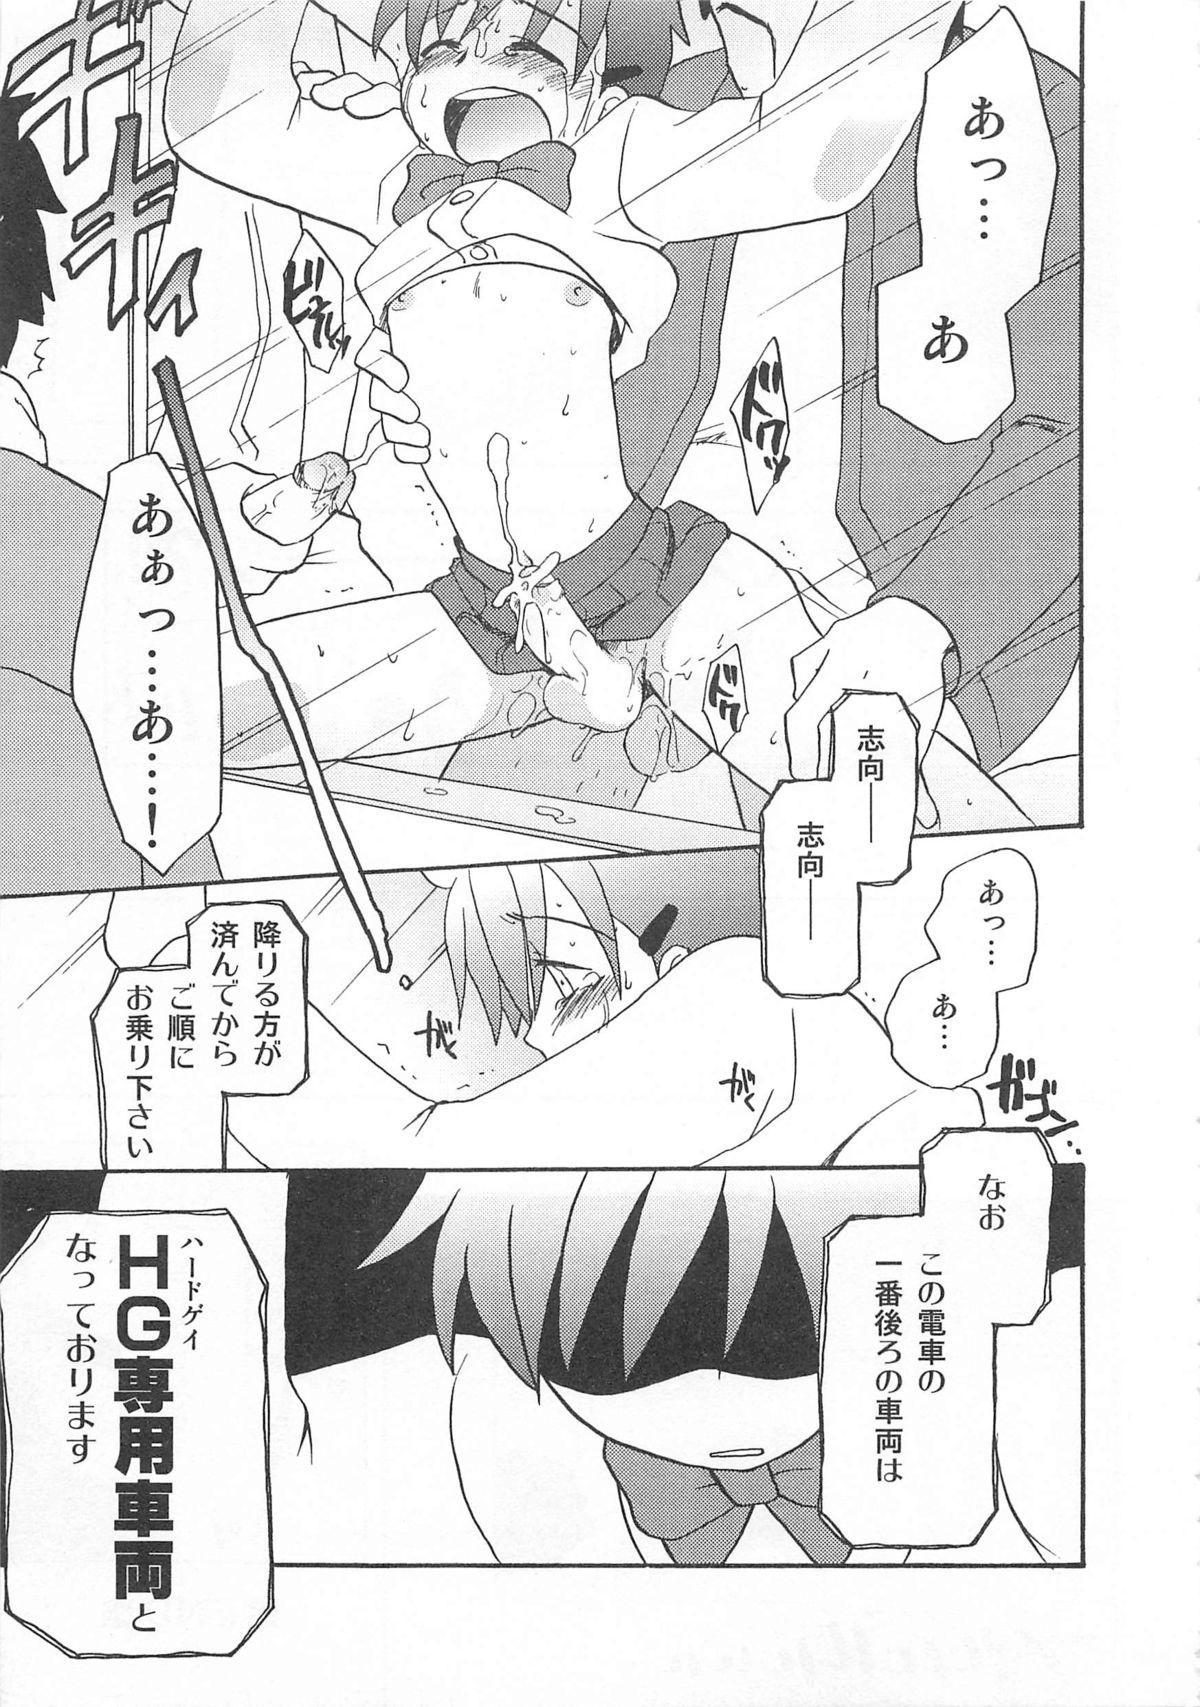 Otokonoko HEAVEN Vol. 01 Meganekko 105